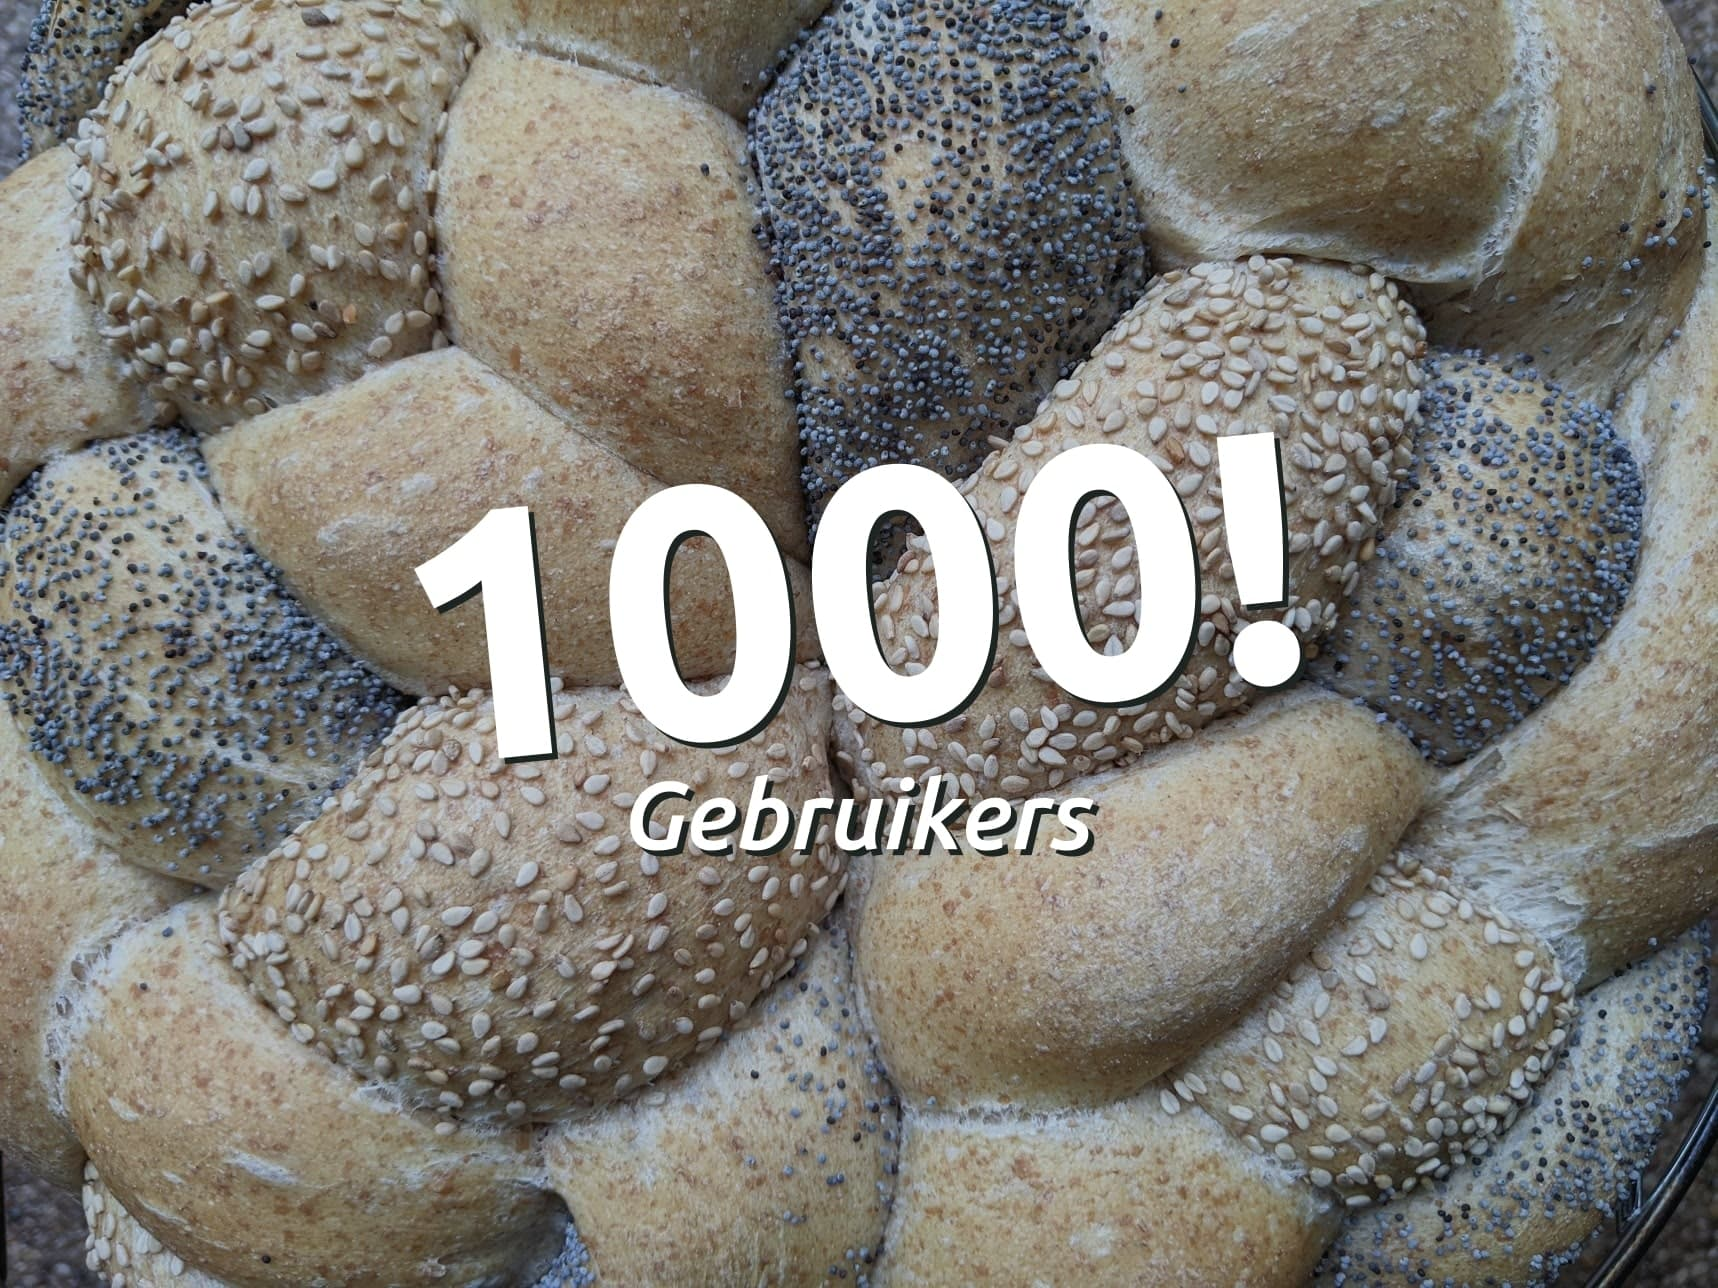 1000 gebruikers